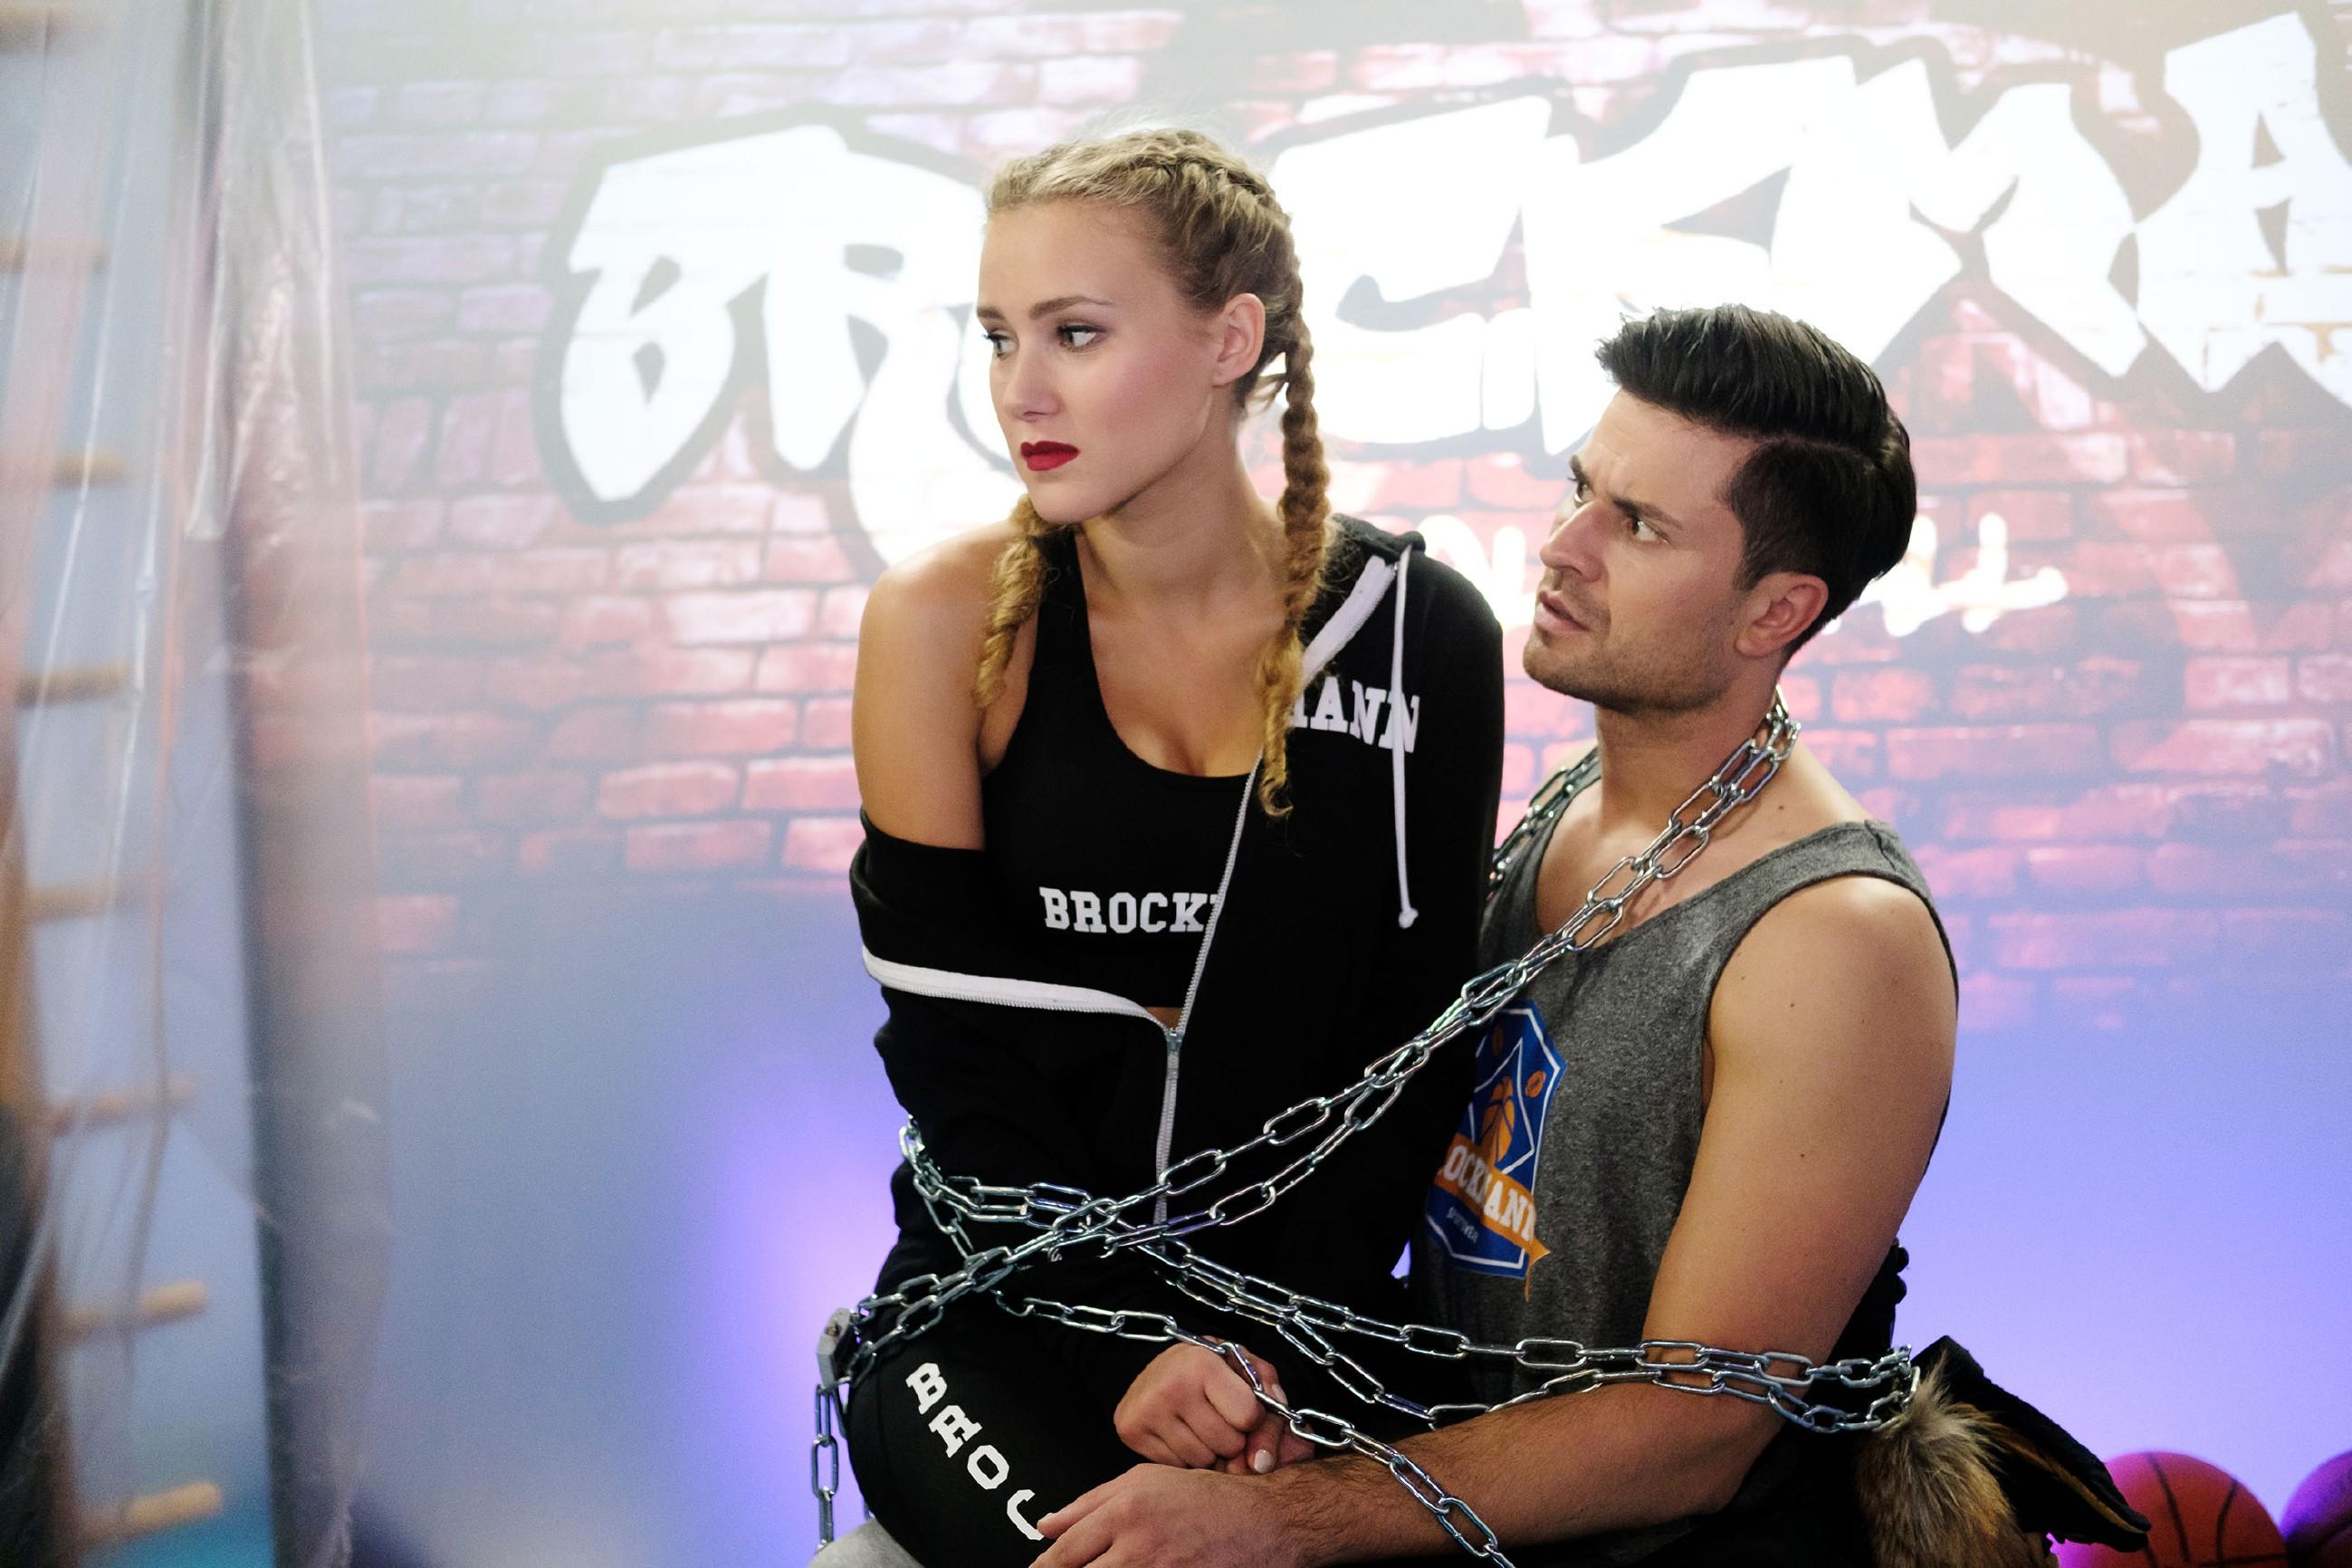 Als KayC (Pauline Angert) und Paco (Milos Vukovic) für ein Foto von Easy aneinander gekettet werden, ist KayC ob ihrer Gefühle für Paco in höchster Not... (Quelle: RTL / Stefan Behrens)